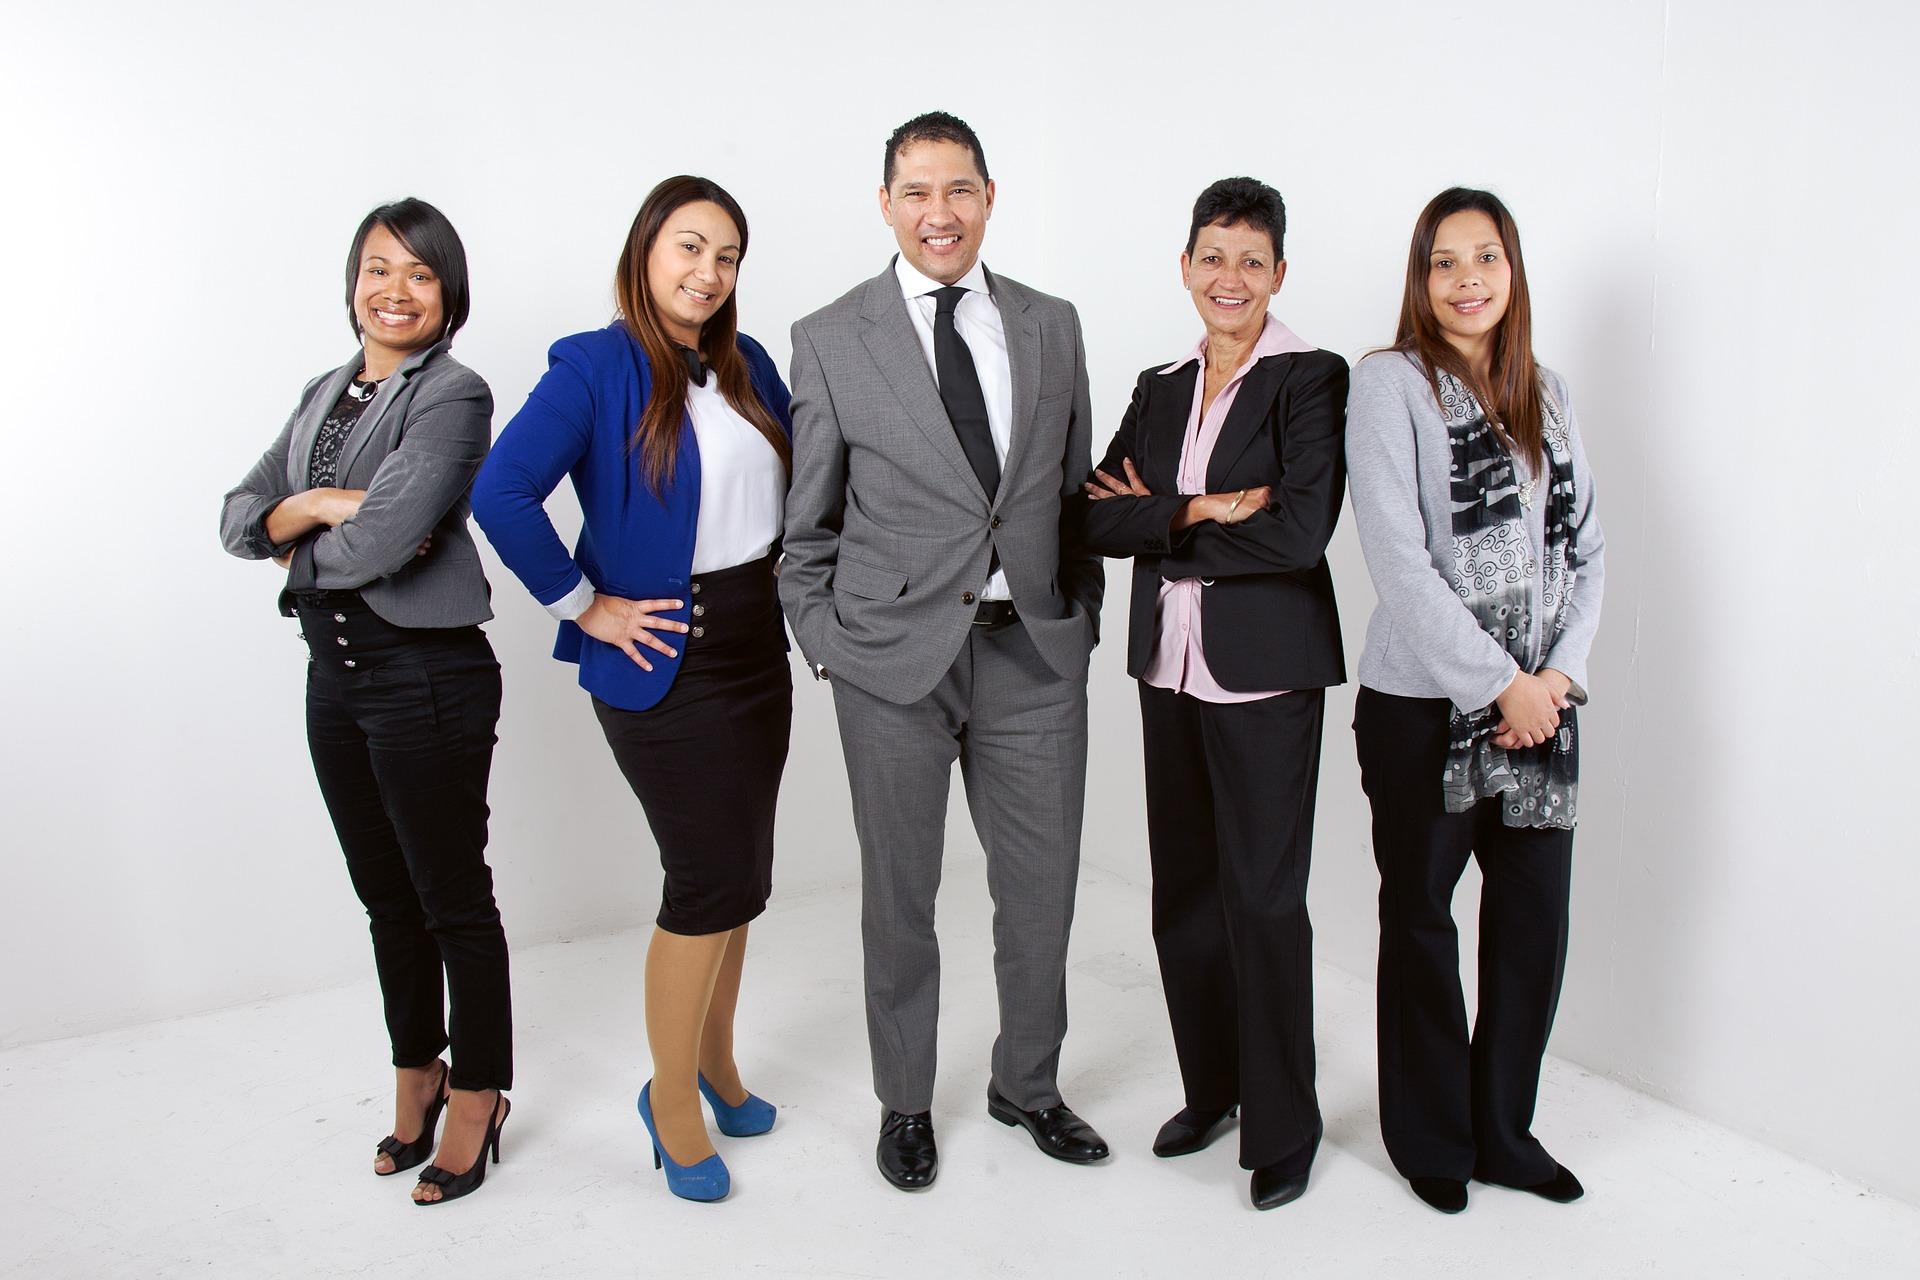 hábitos, laboral, trabajo, empresas, entrevistas